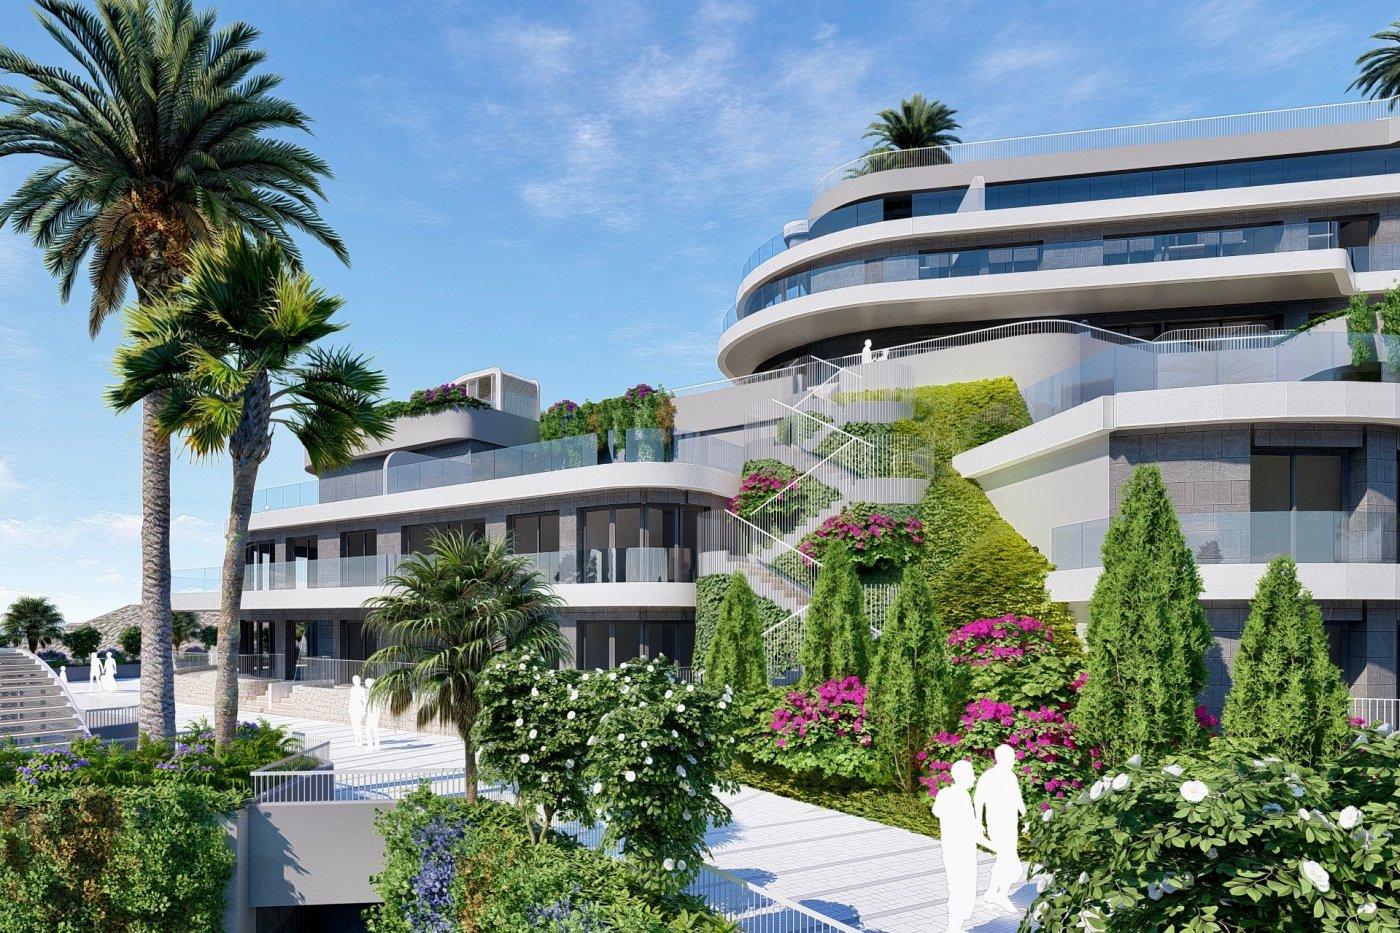 Galleribillede 5 of Vildt lækker 2 værelses luksus penthouse lejlighed med fantastisk udsigt og 59 m2 solterrasse